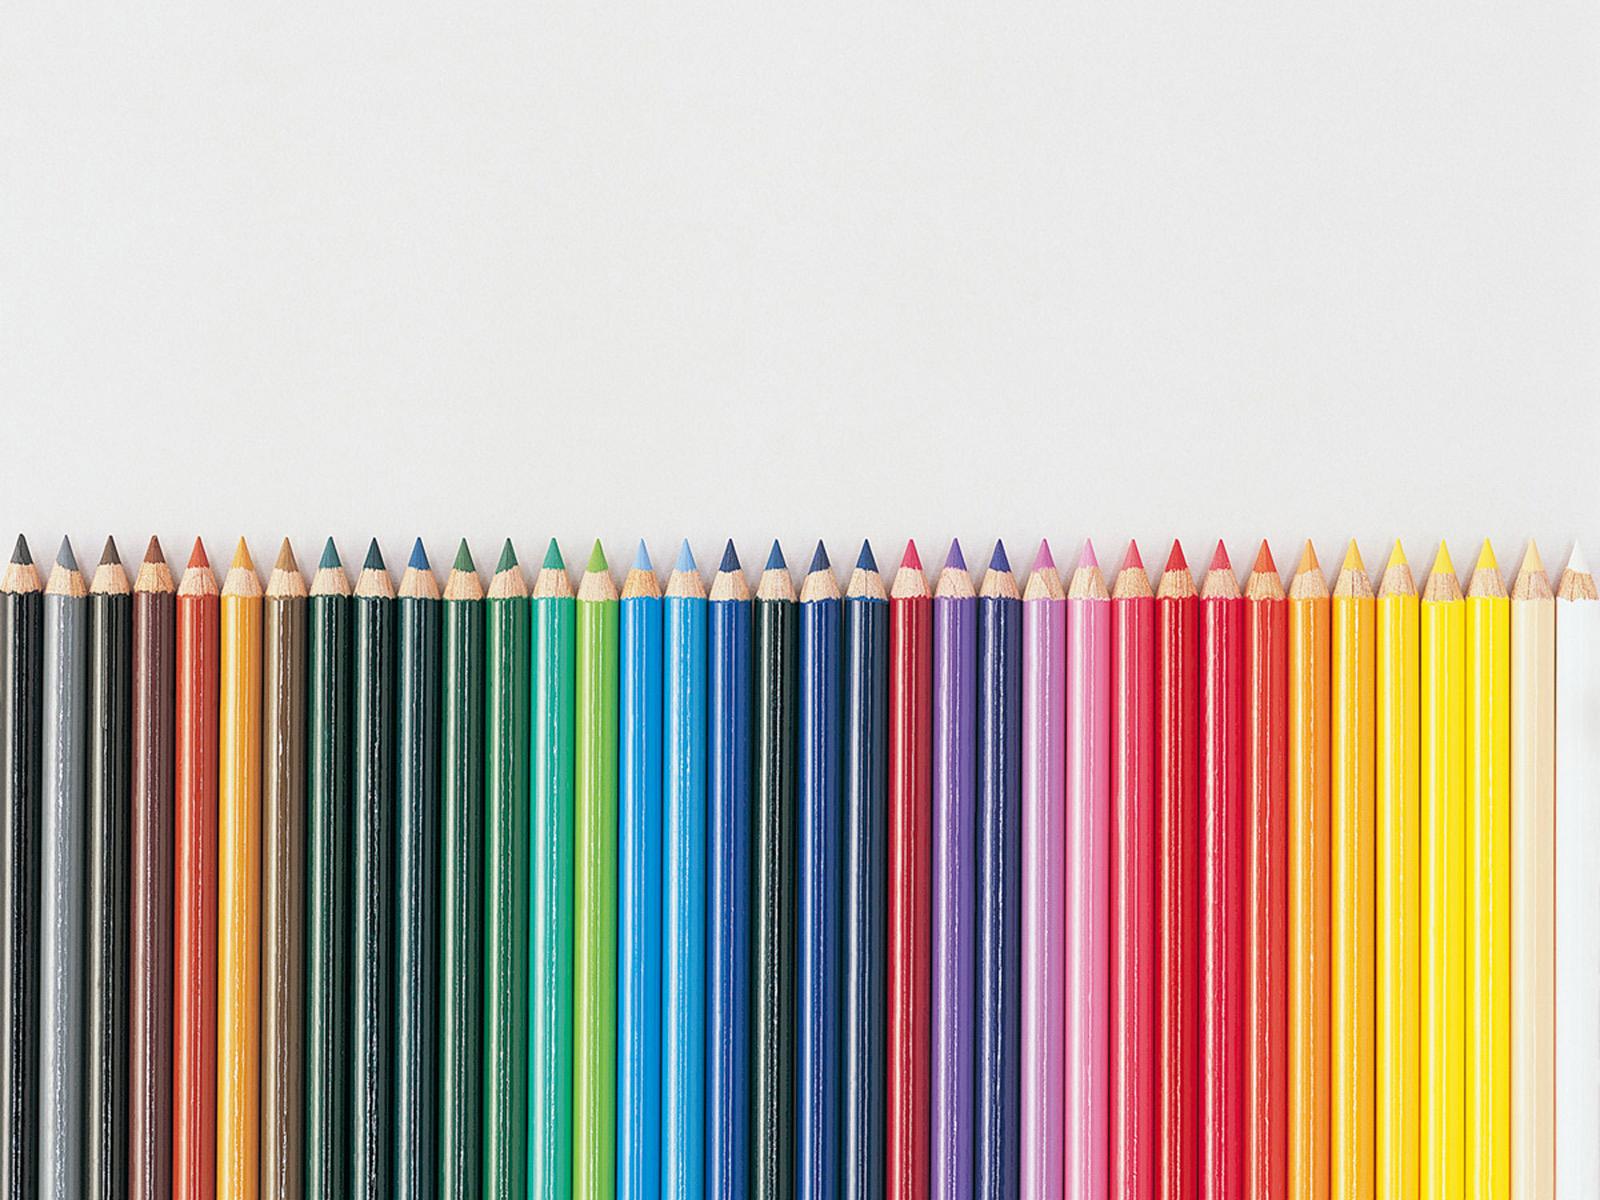 Colored Pencil Wallpapers - WallpaperSafari